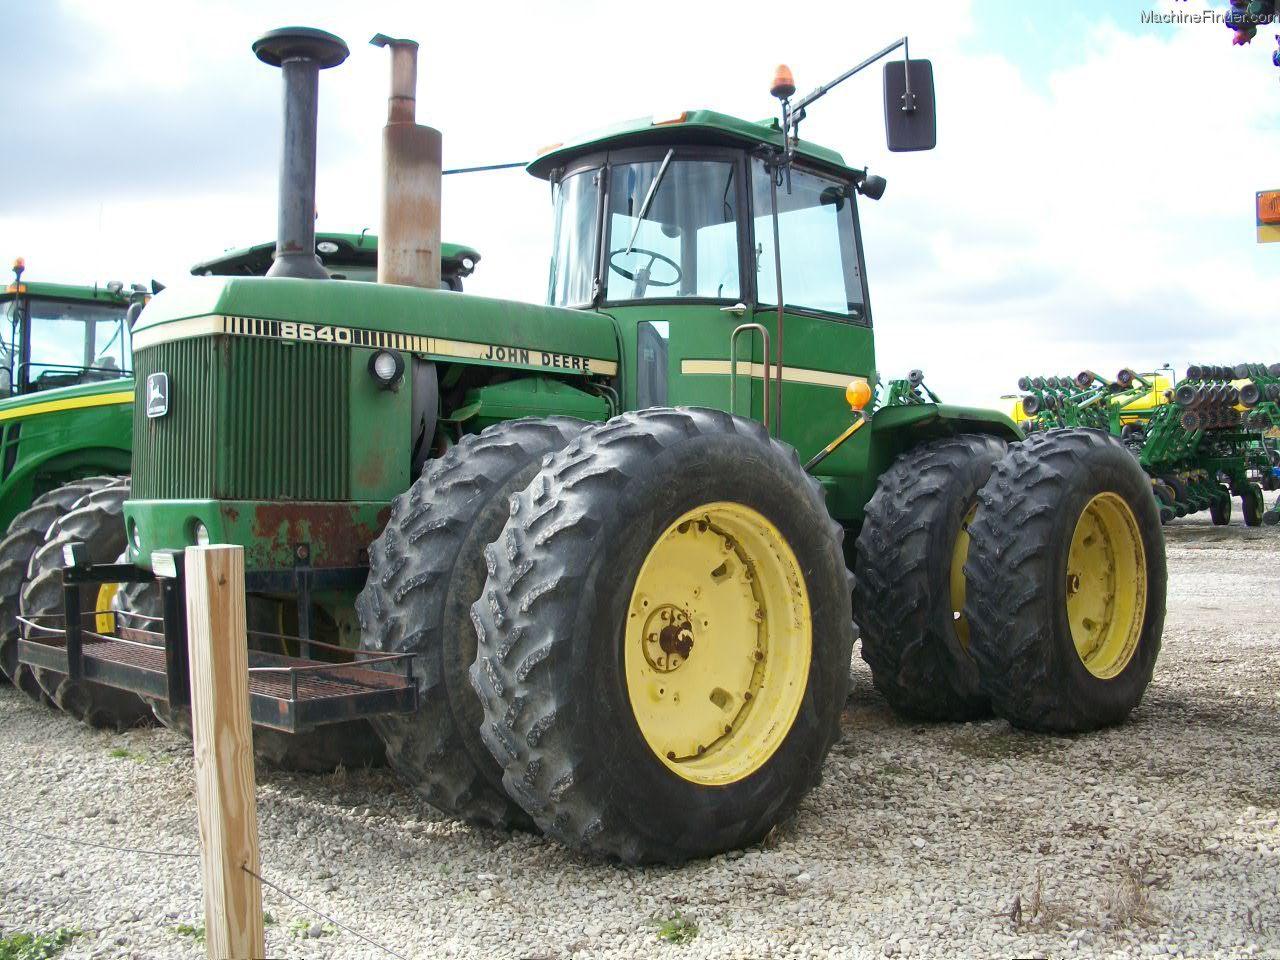 1980 John Deere 8640 Tractors - Articulated 4WD - John ...